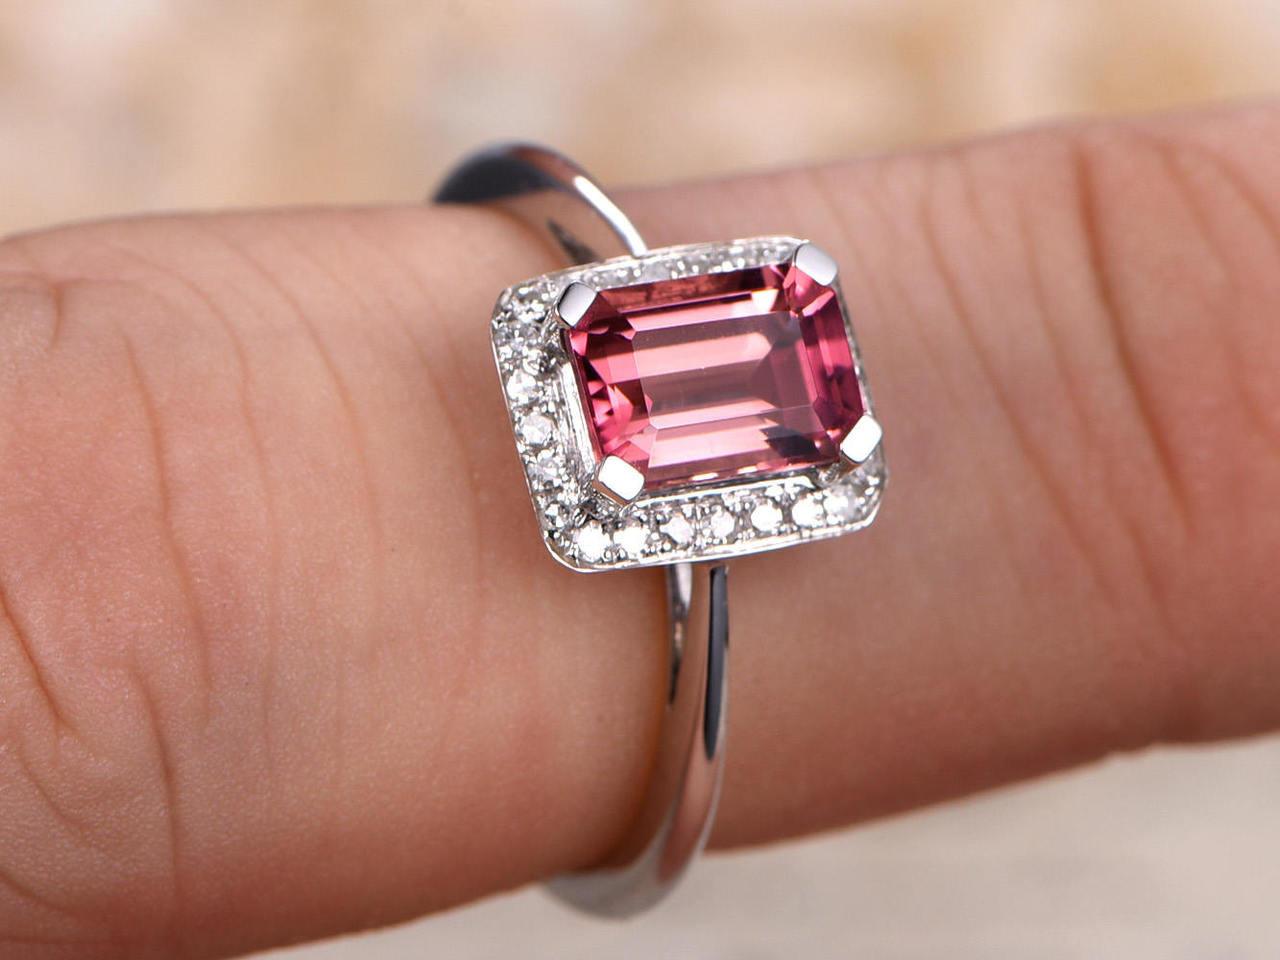 Rose Gold Engagement Ring Pink Tourmaline Ring Pink Engagement Ring Emerald Cut Halo Engagement Ring Art Deco Engagement Ring Unique Rings